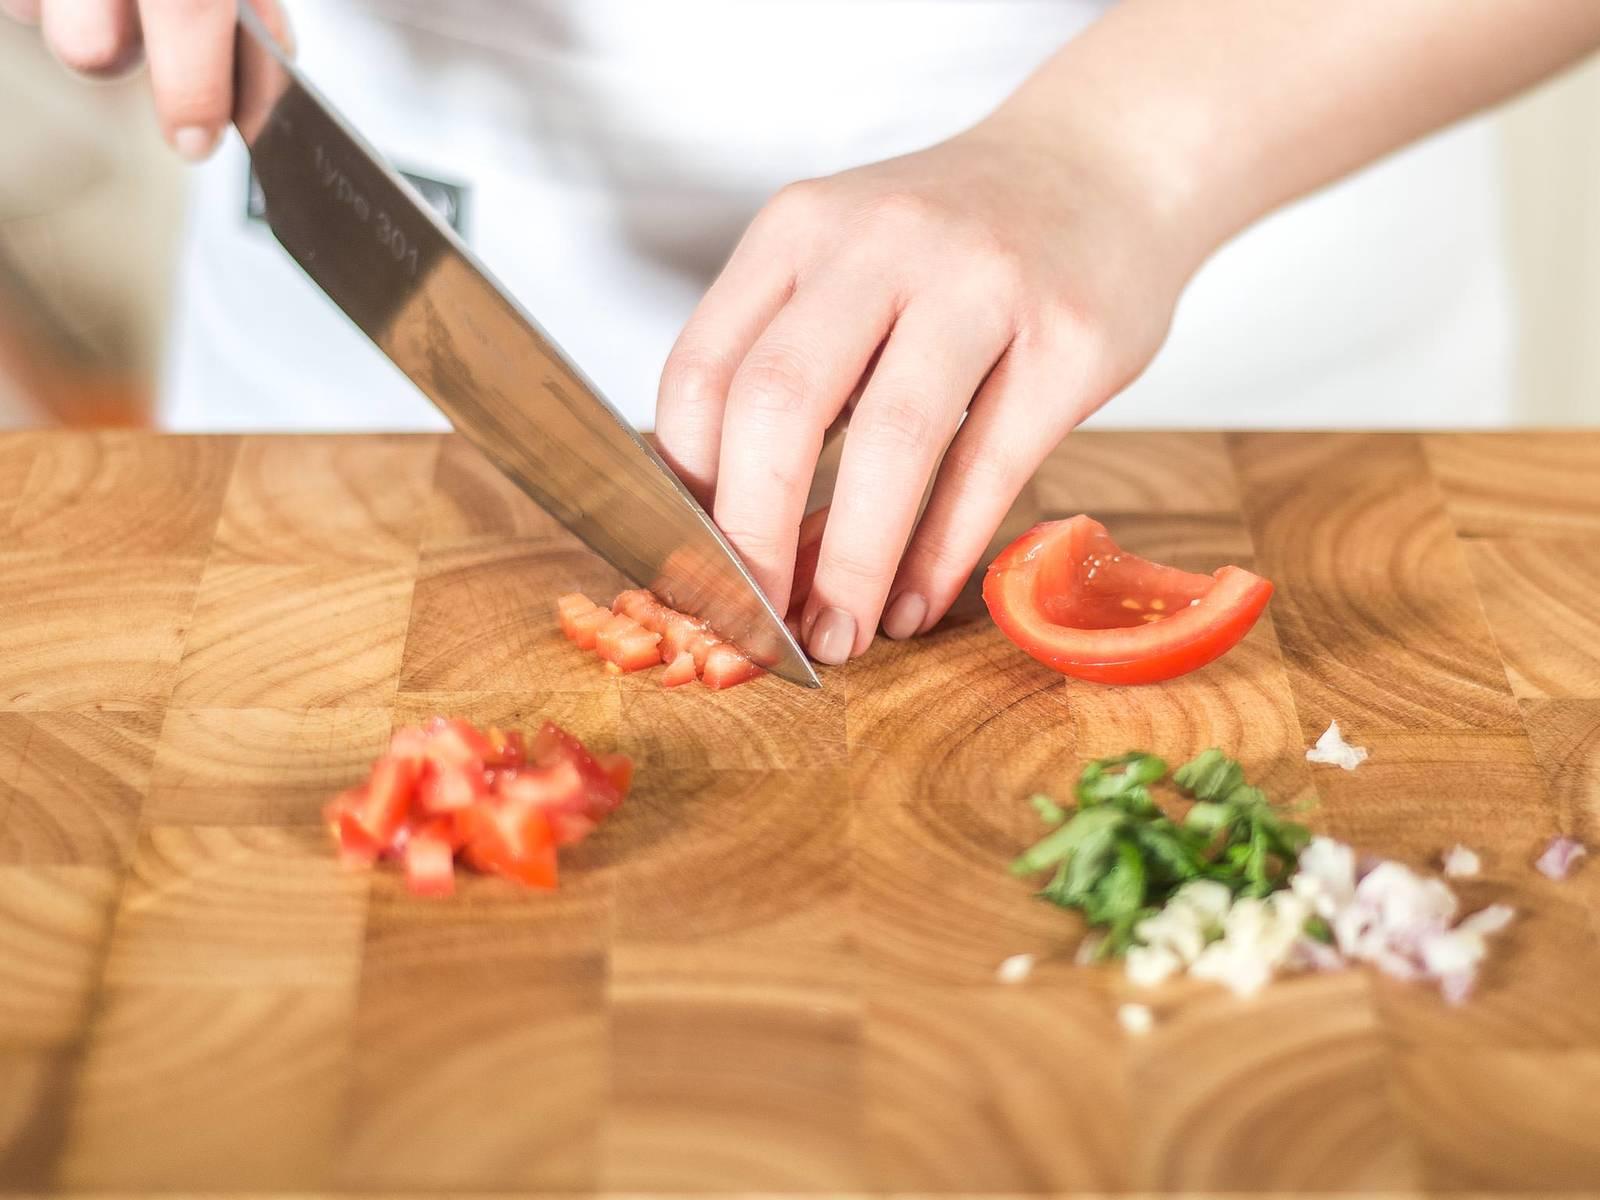 制作蒜香面包小点心:将蒜与小红洋葱切成小粒,罗勒叶切成细丝,西红柿先切成四半,去籽后再切成小粒。